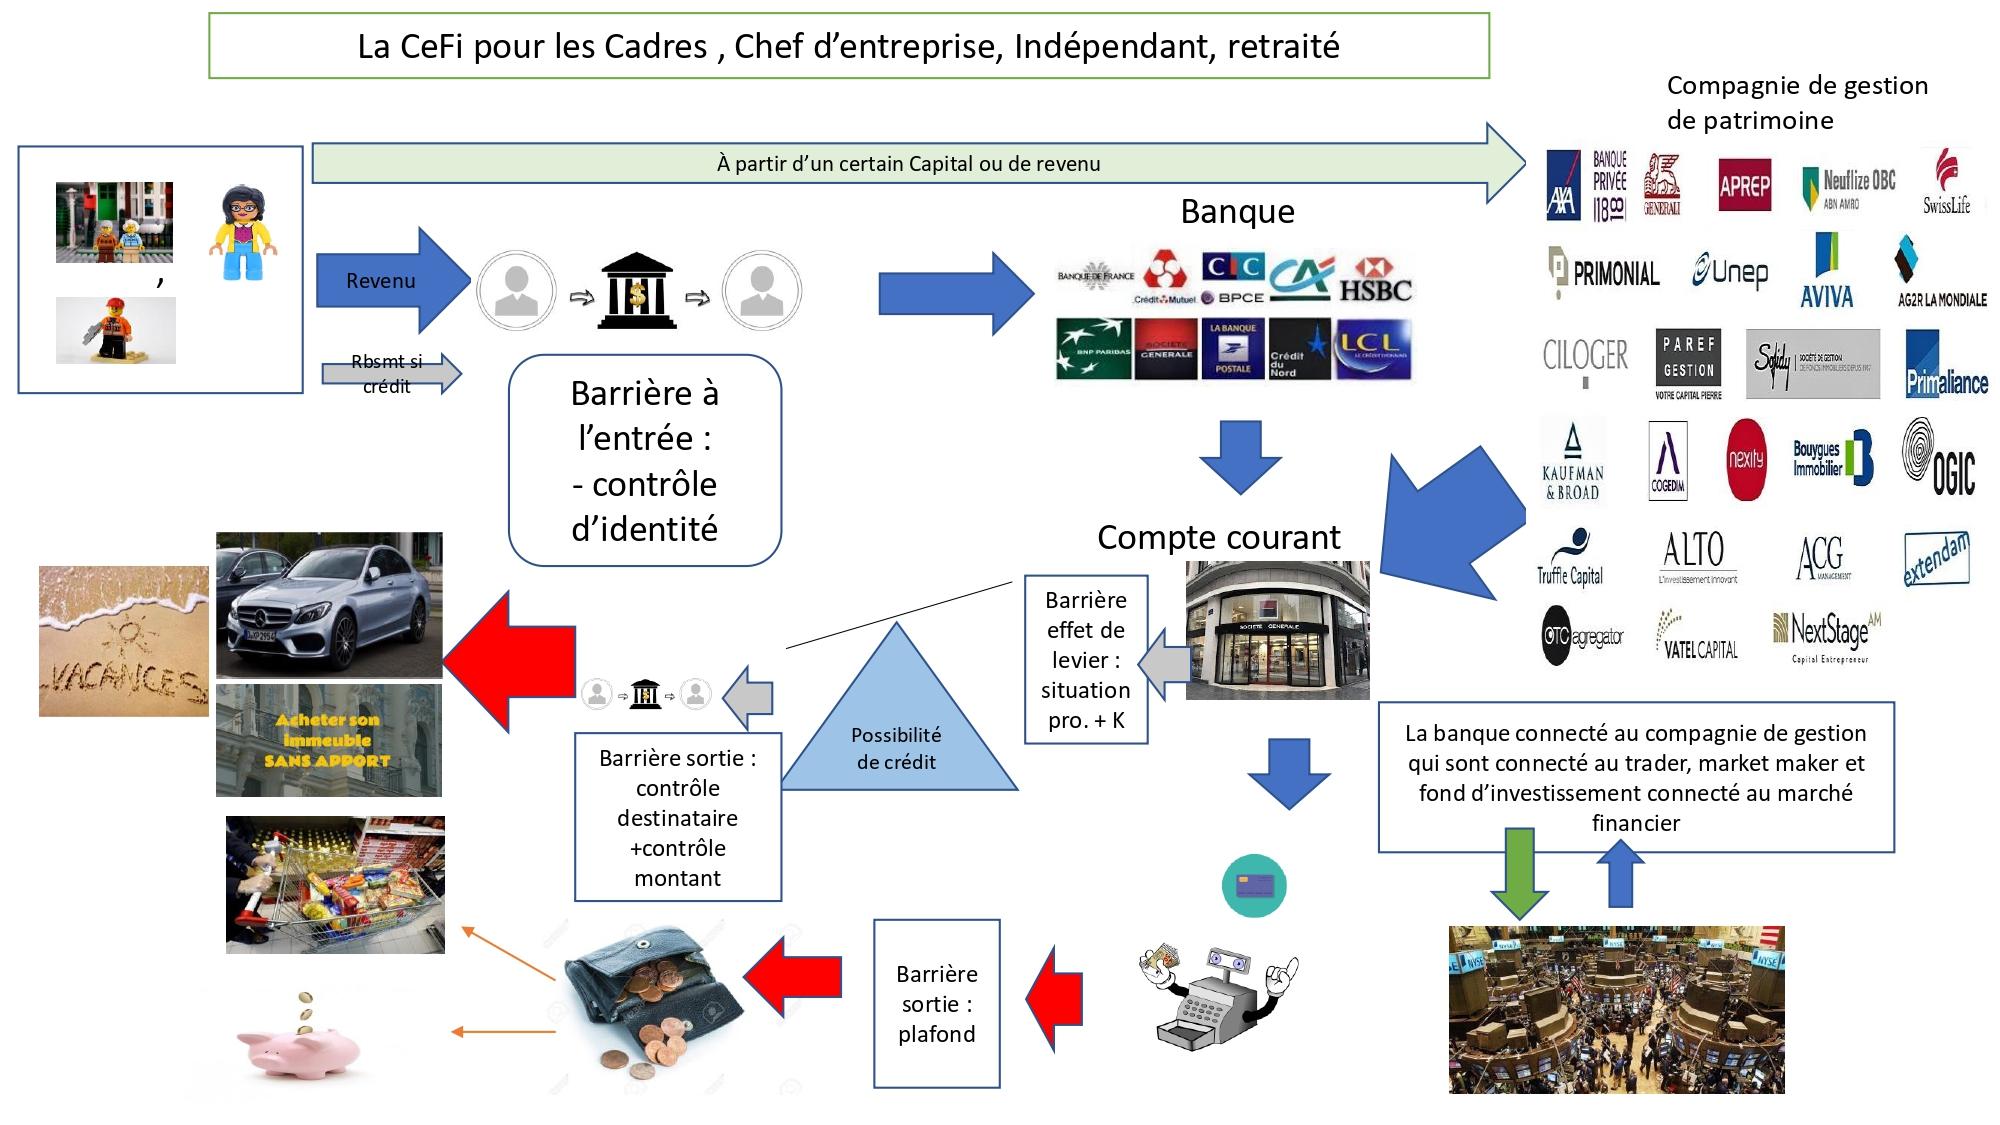 La CeFi ou finance décentralisée pour les cadres, CEO, indépendant ou retraité qui fournisse des produits